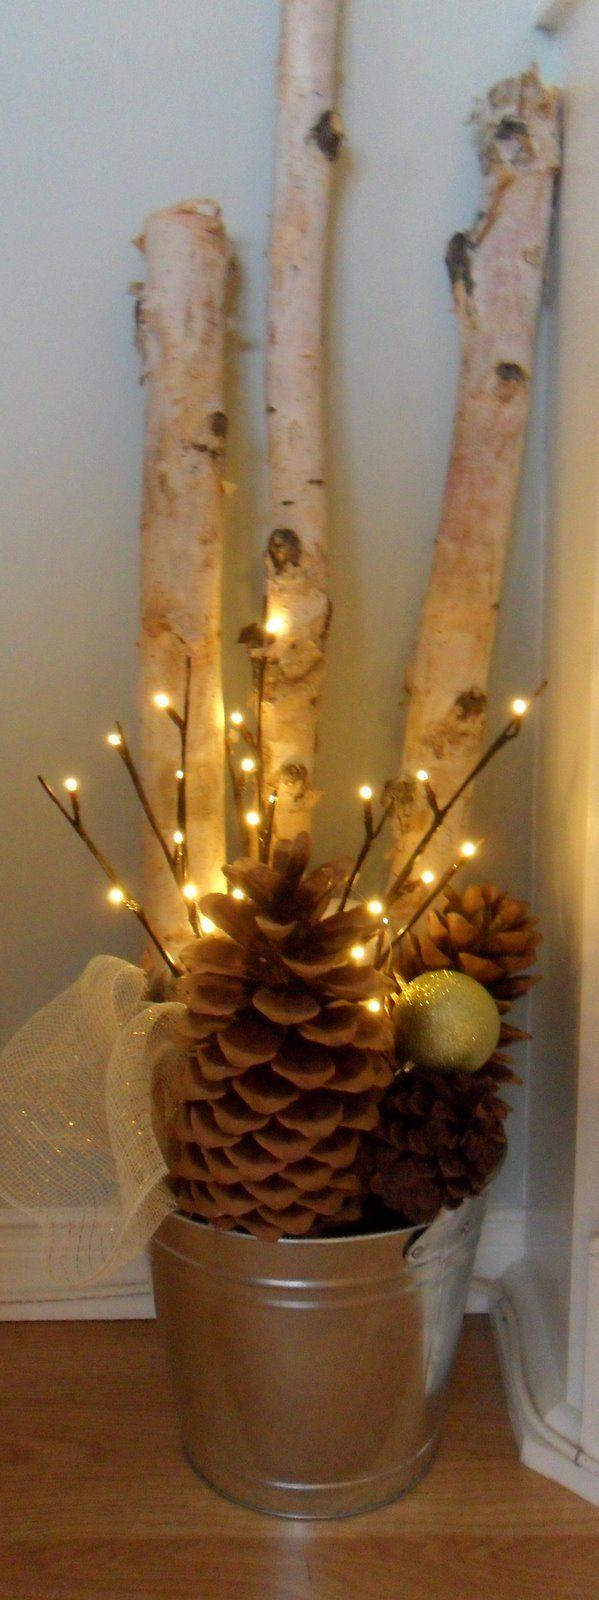 Christmas mantel …